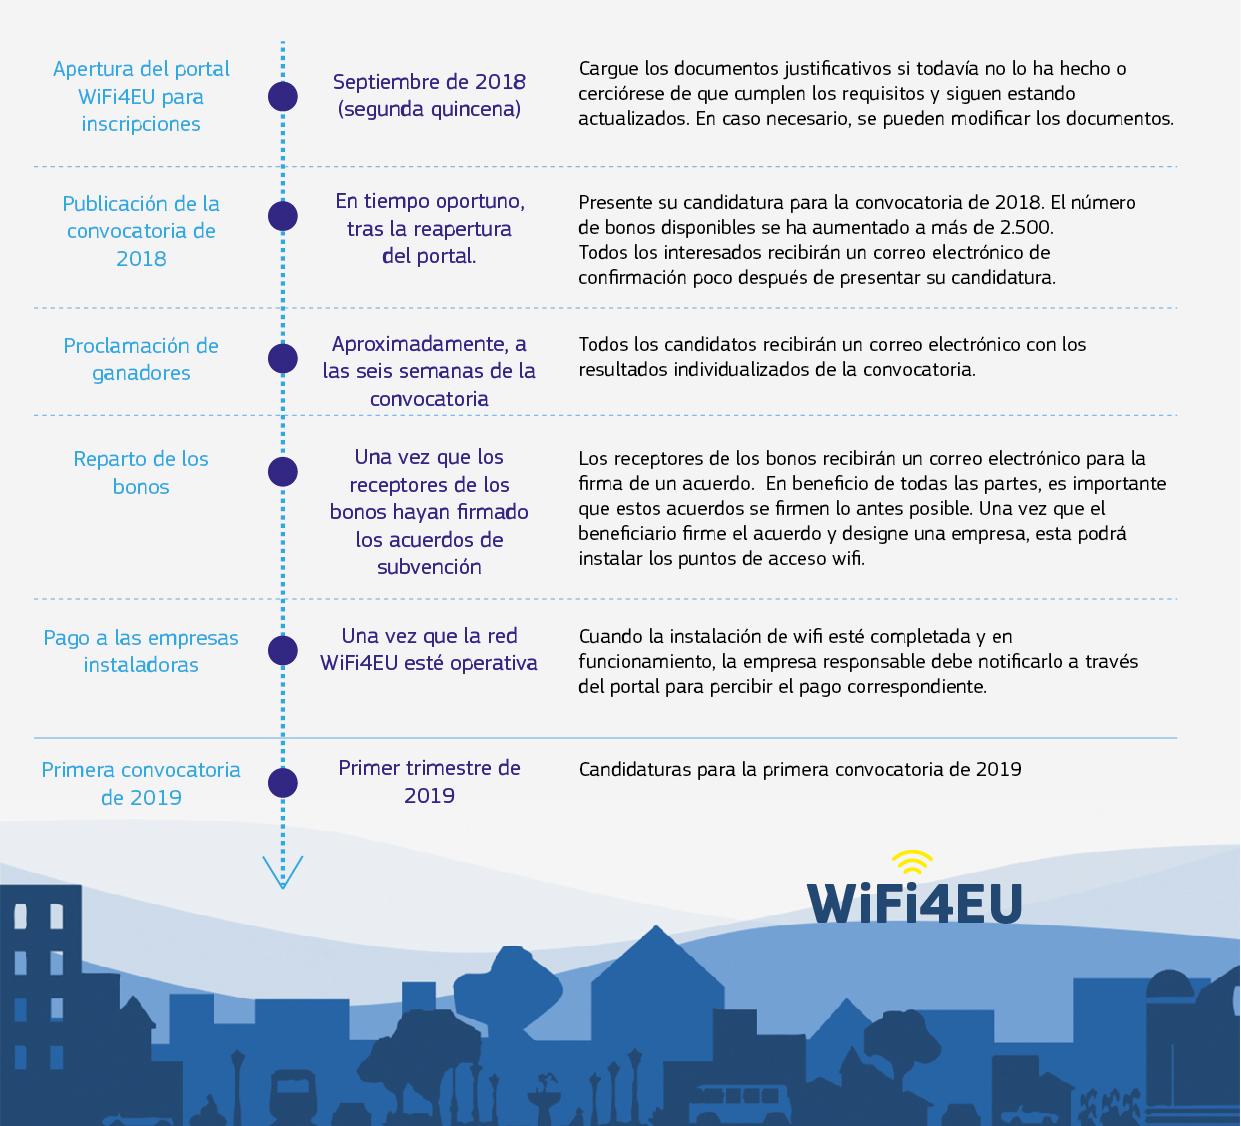 Wifi4EU Timeline